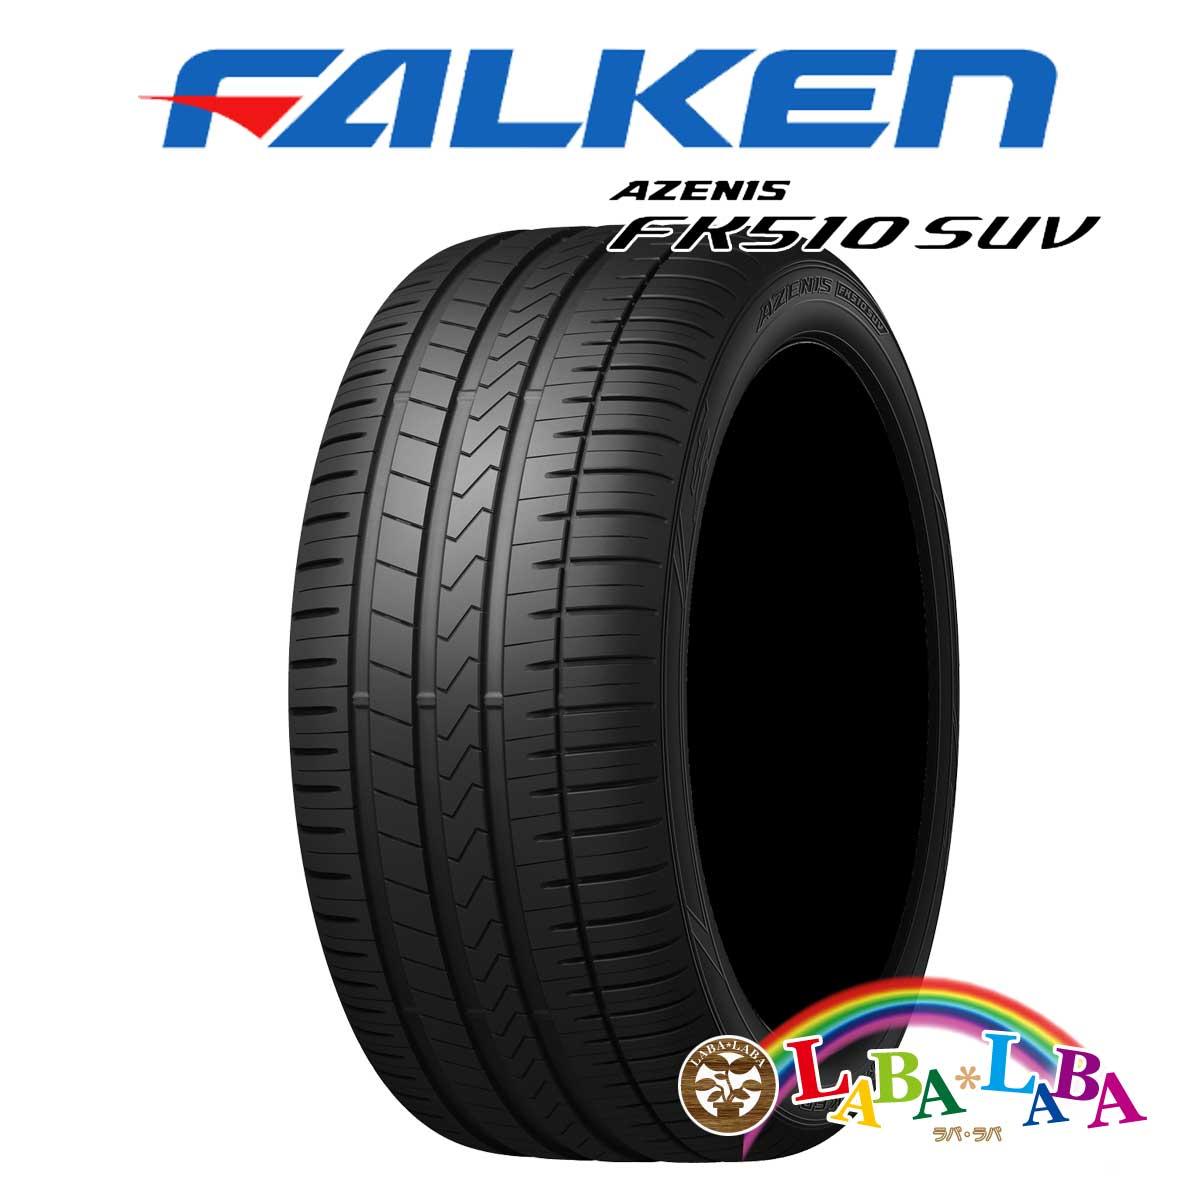 FALKEN ファルケン AZENIS アゼニス FK510 SUV 295/40R20 110Y XL サマータイヤ SUV 4WD 2本セット